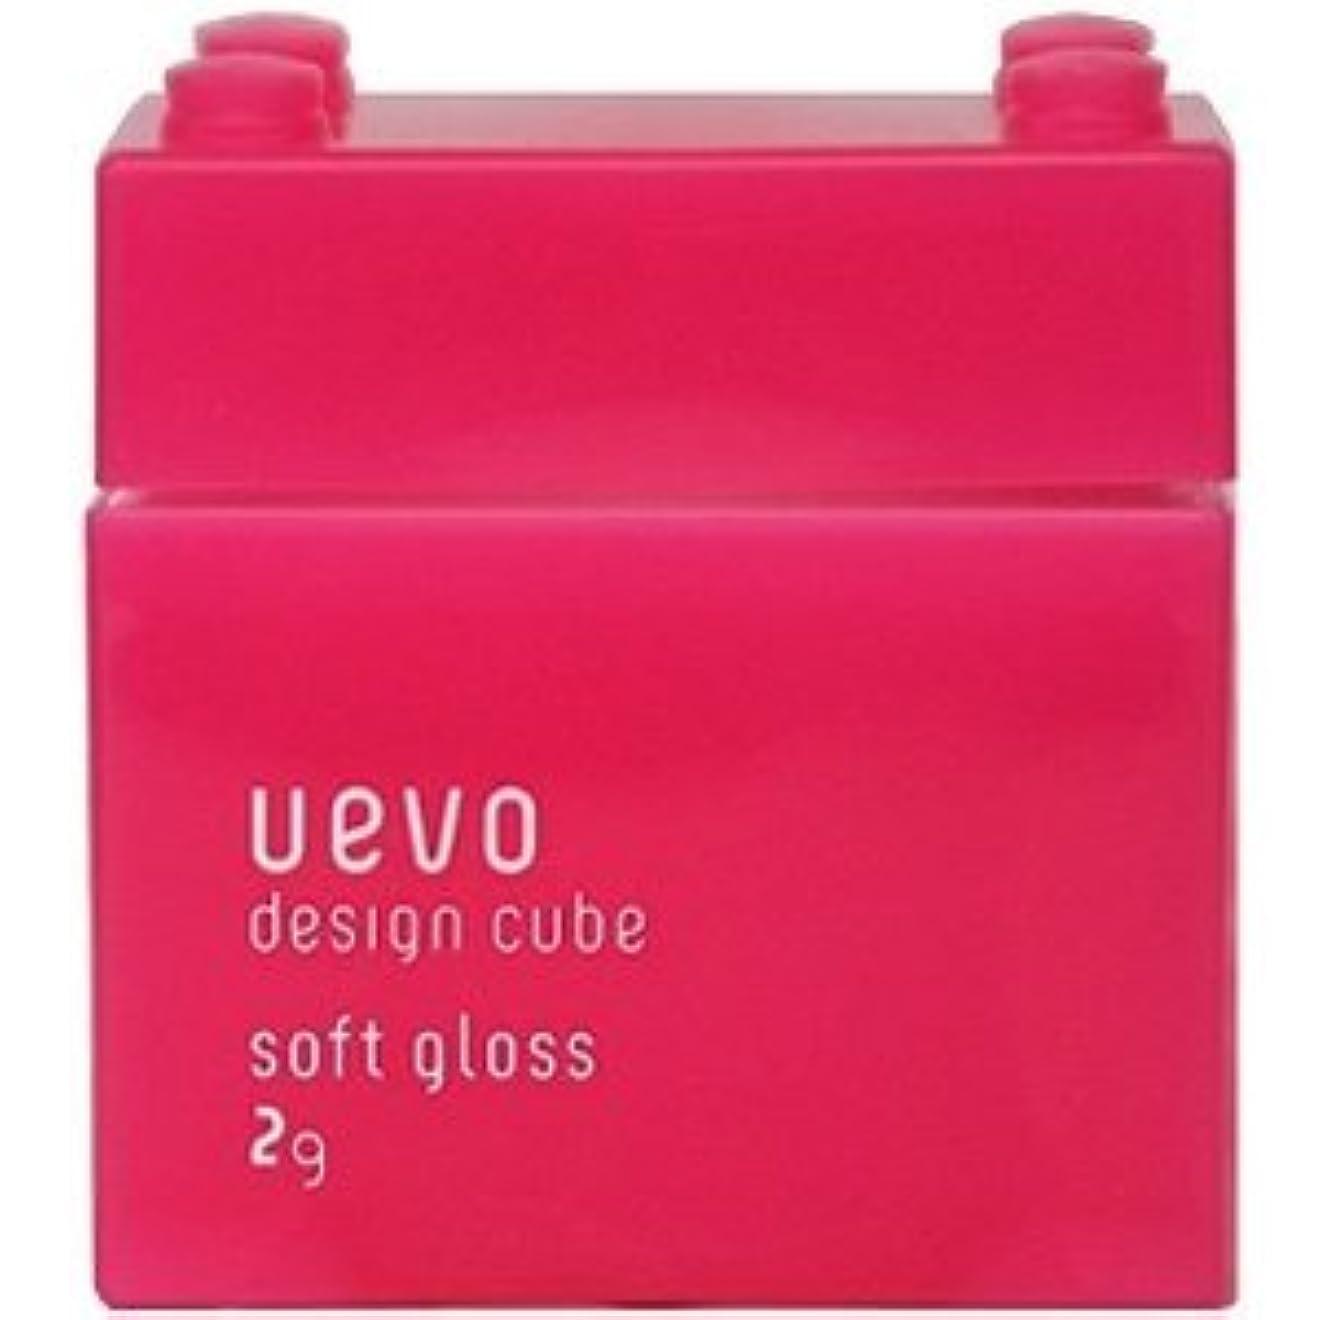 好きである原子食べる【X2個セット】 デミ ウェーボ デザインキューブ ソフトグロス 80g soft gloss DEMI uevo design cube